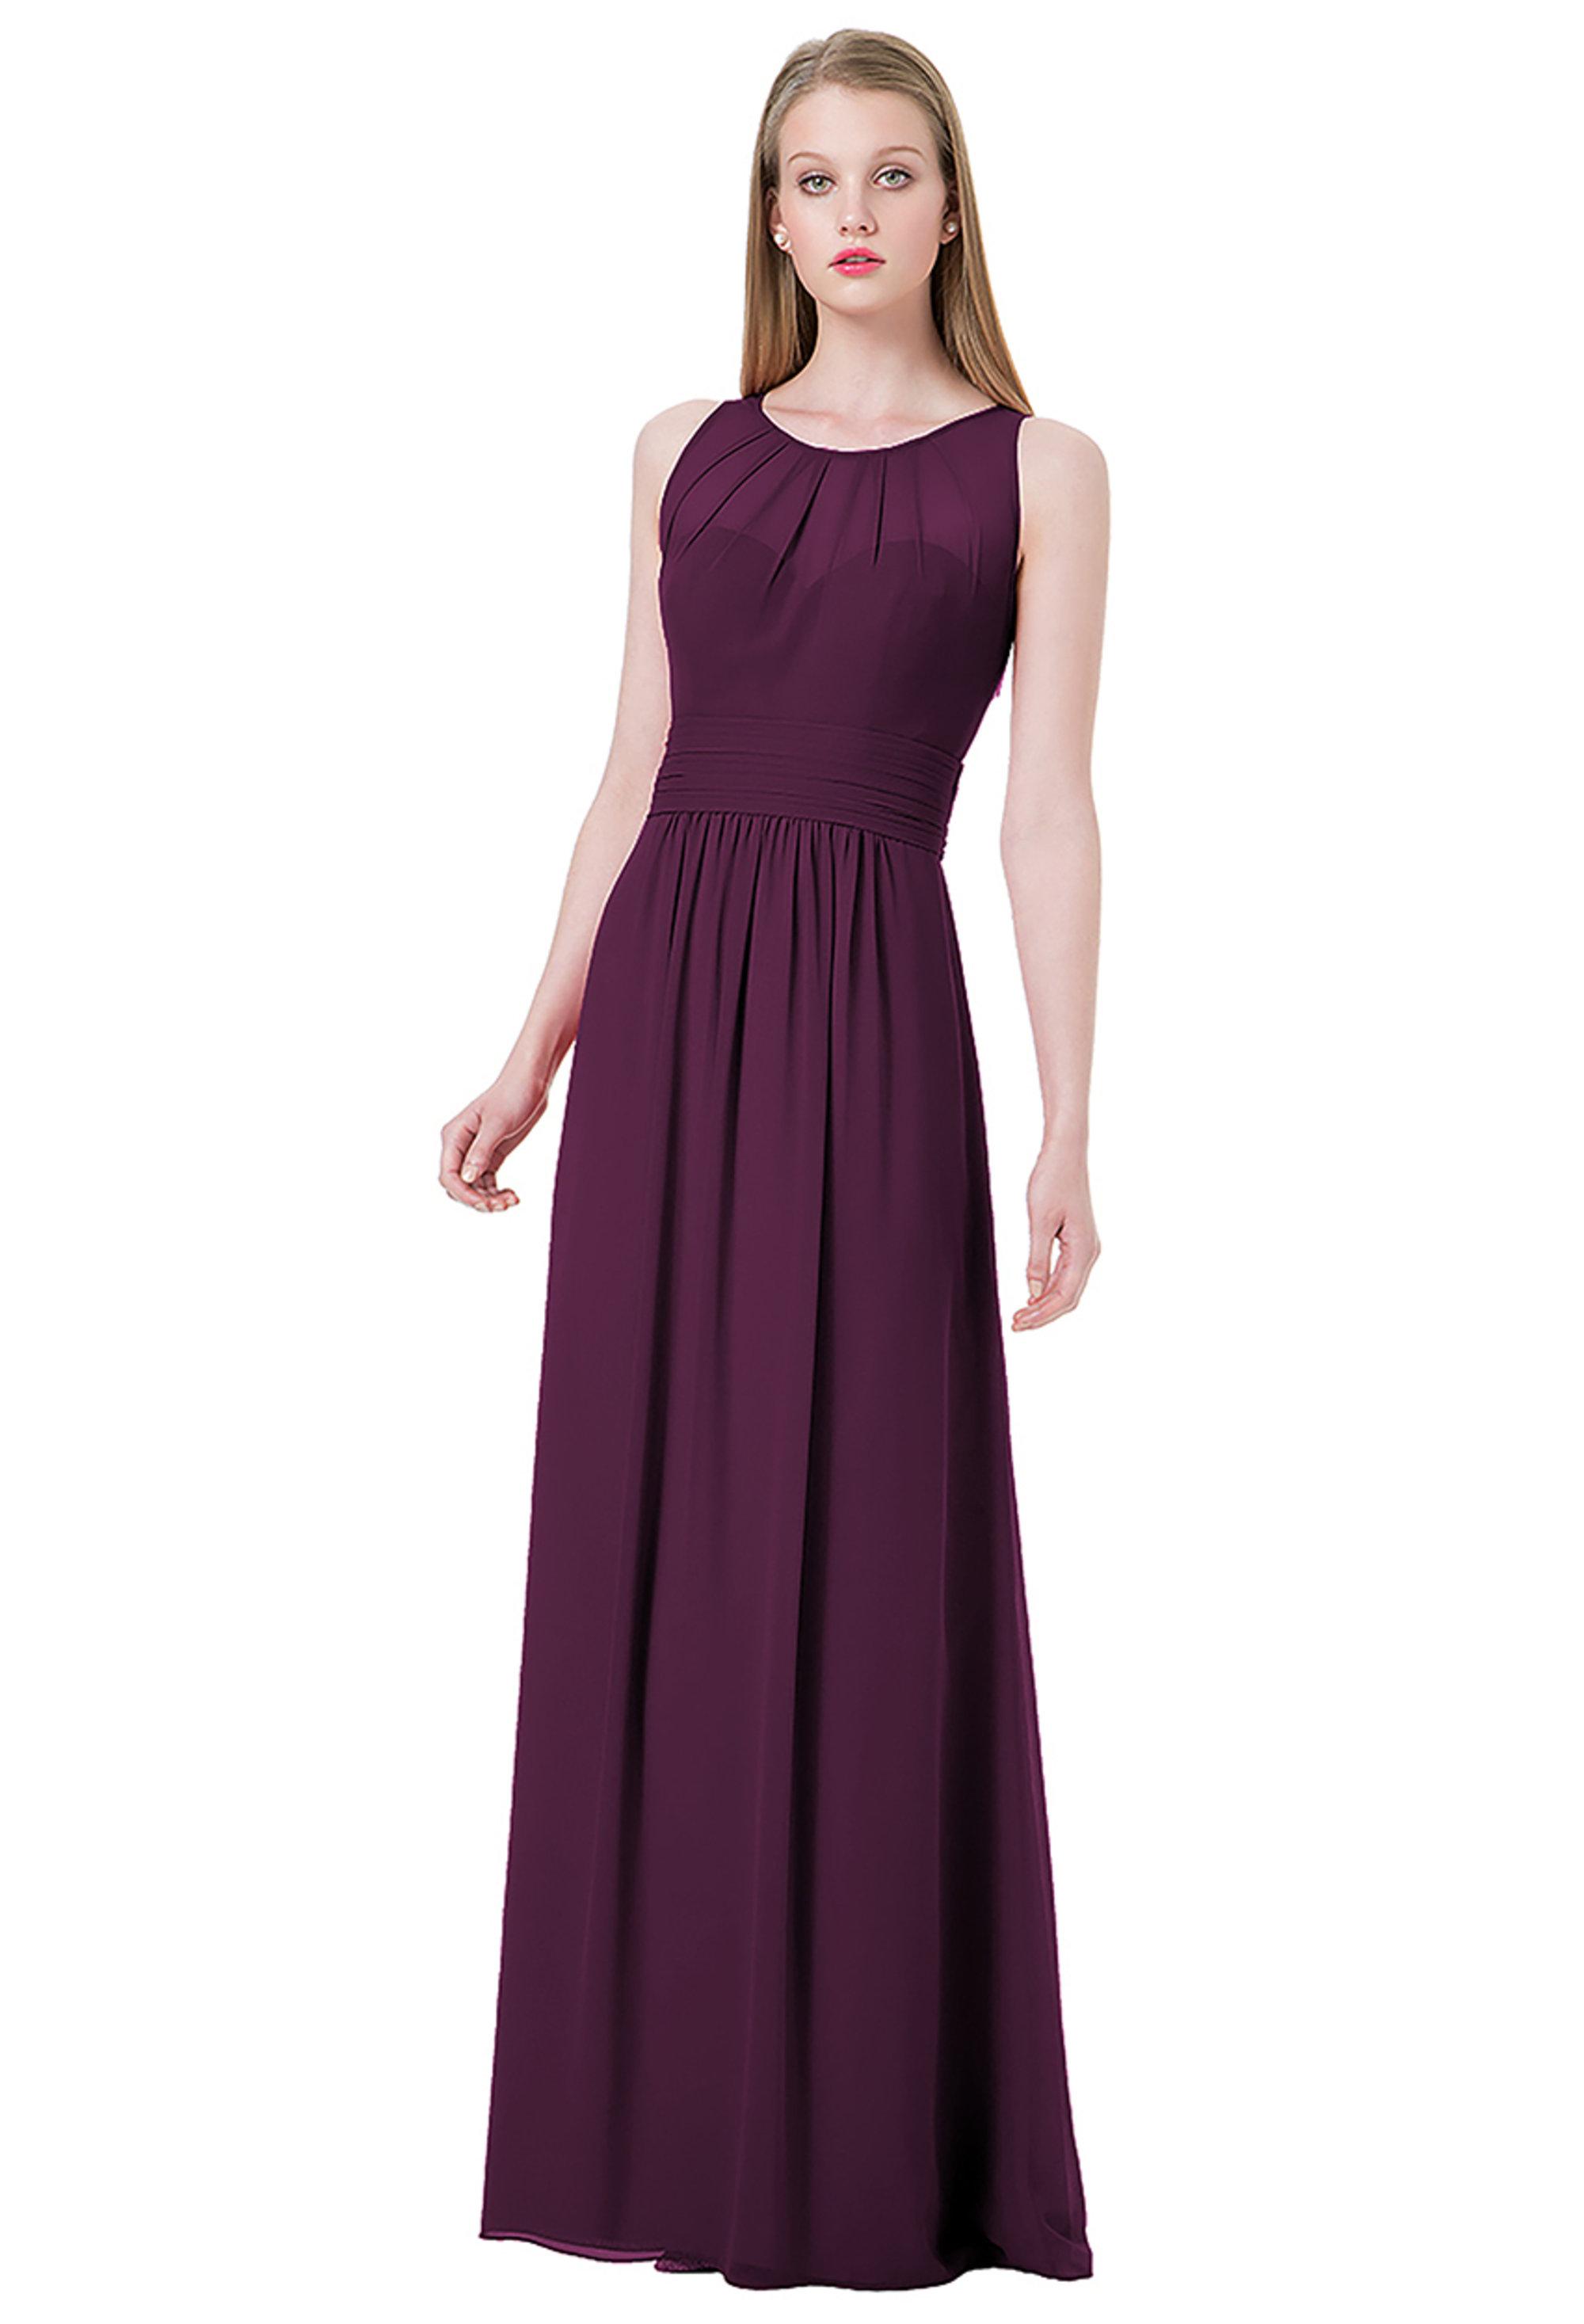 Bill Levkoff EGGPLANT Chiffon Jewel A-line gown, $220.00 Front